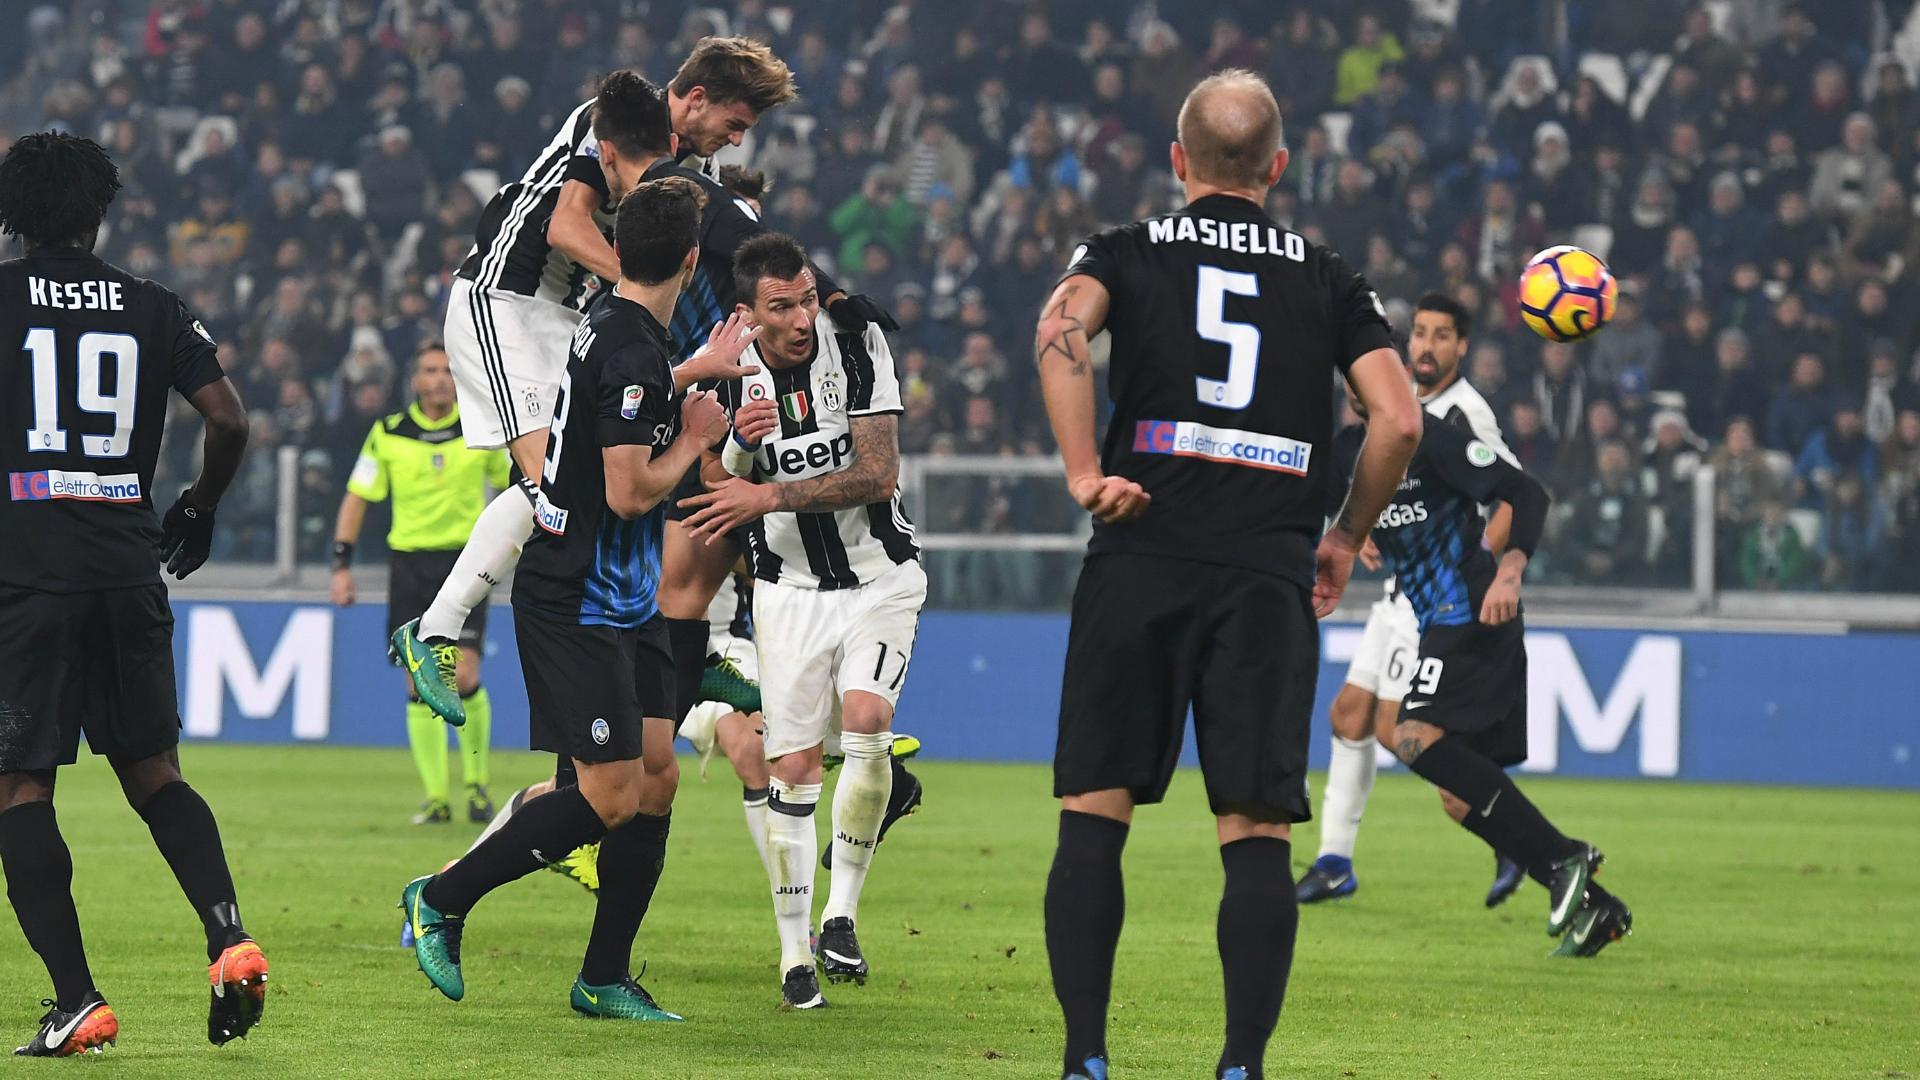 L'Atalanta travolge il Pescara 3-0 e vola agli ottavi